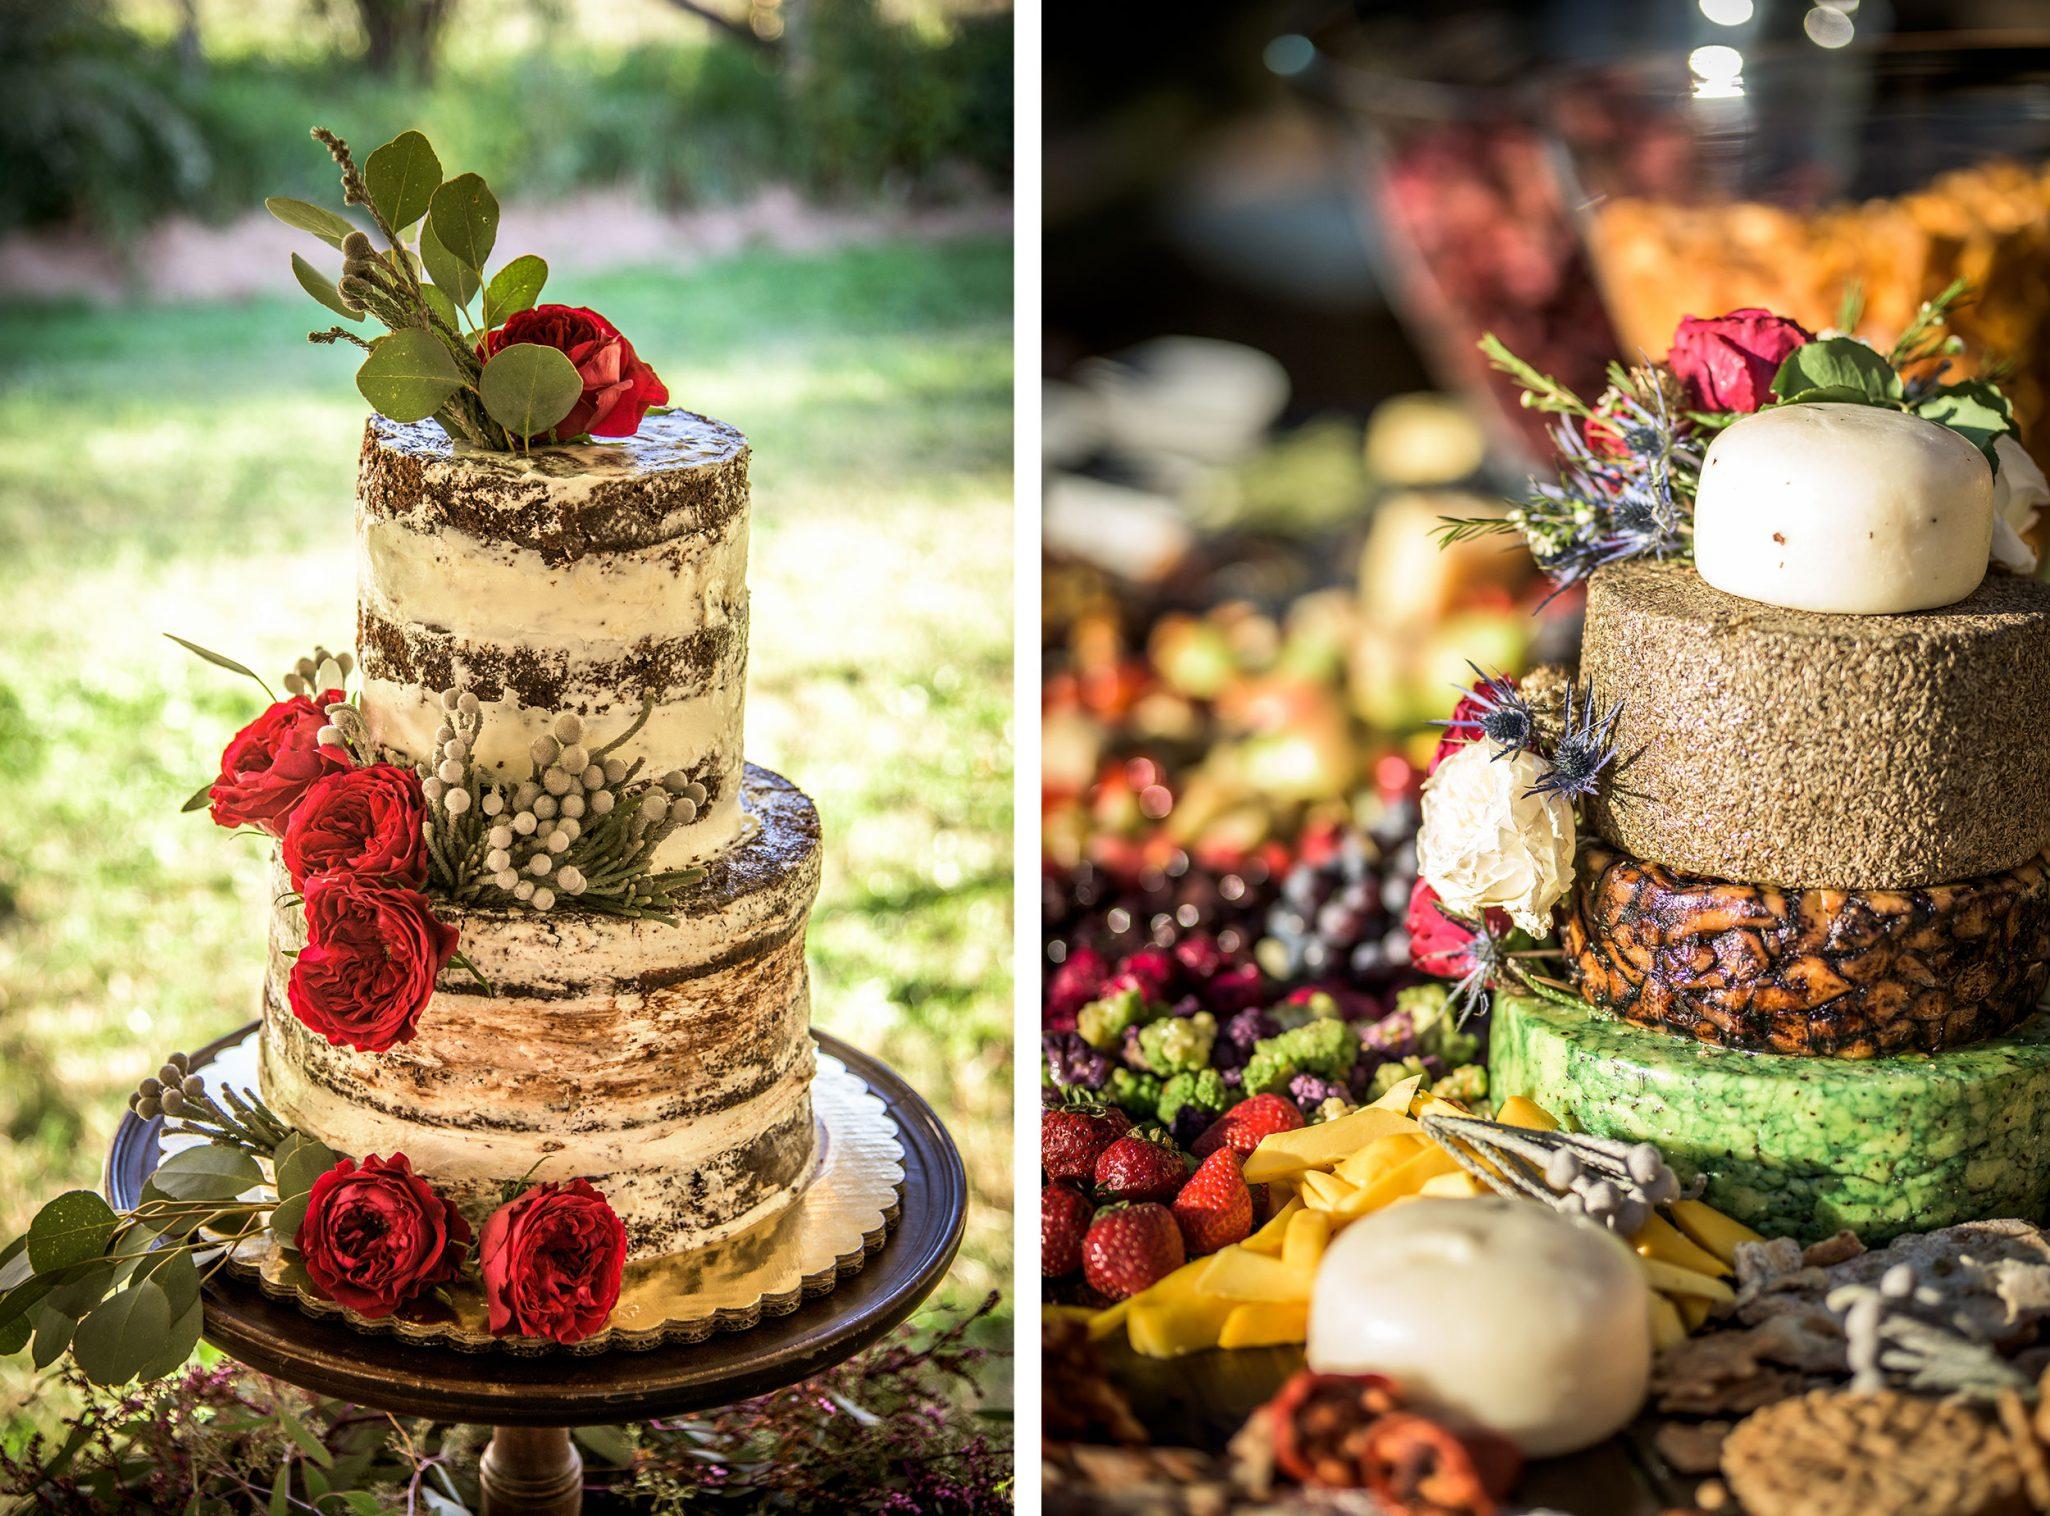 Wedding reception food display, Durango, Colorado